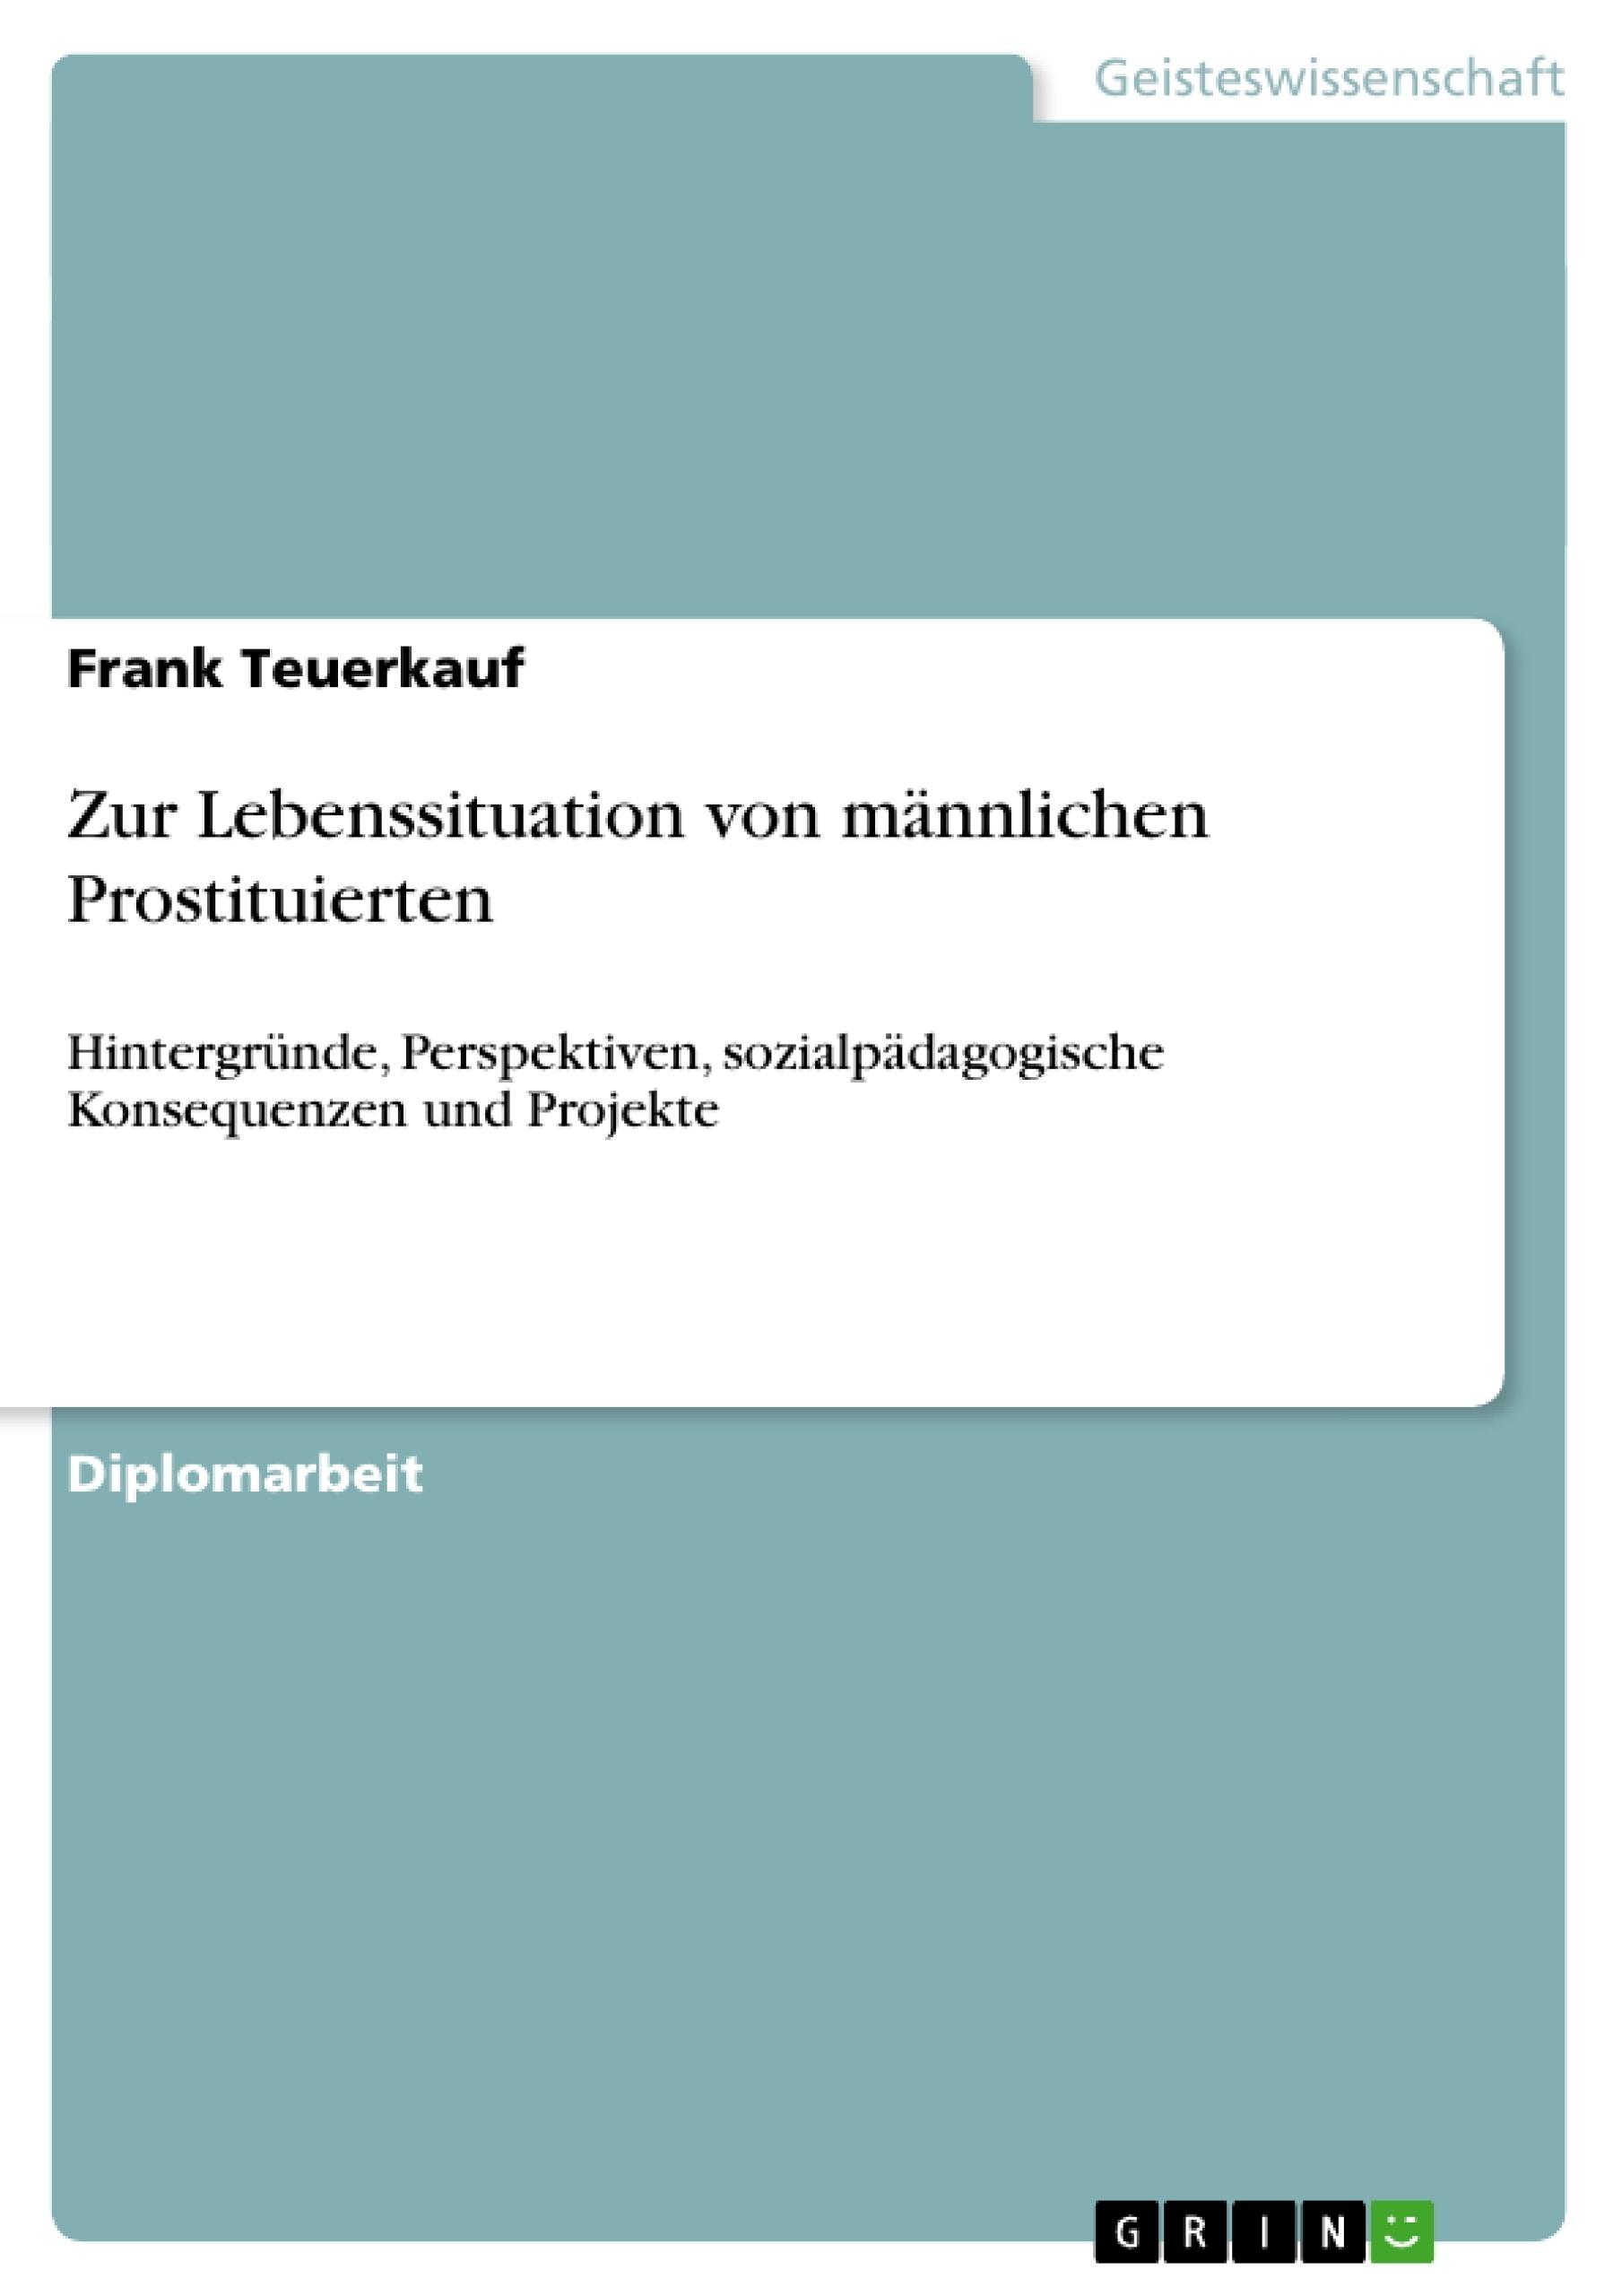 Titel: Zur Lebenssituation von männlichen Prostituierten